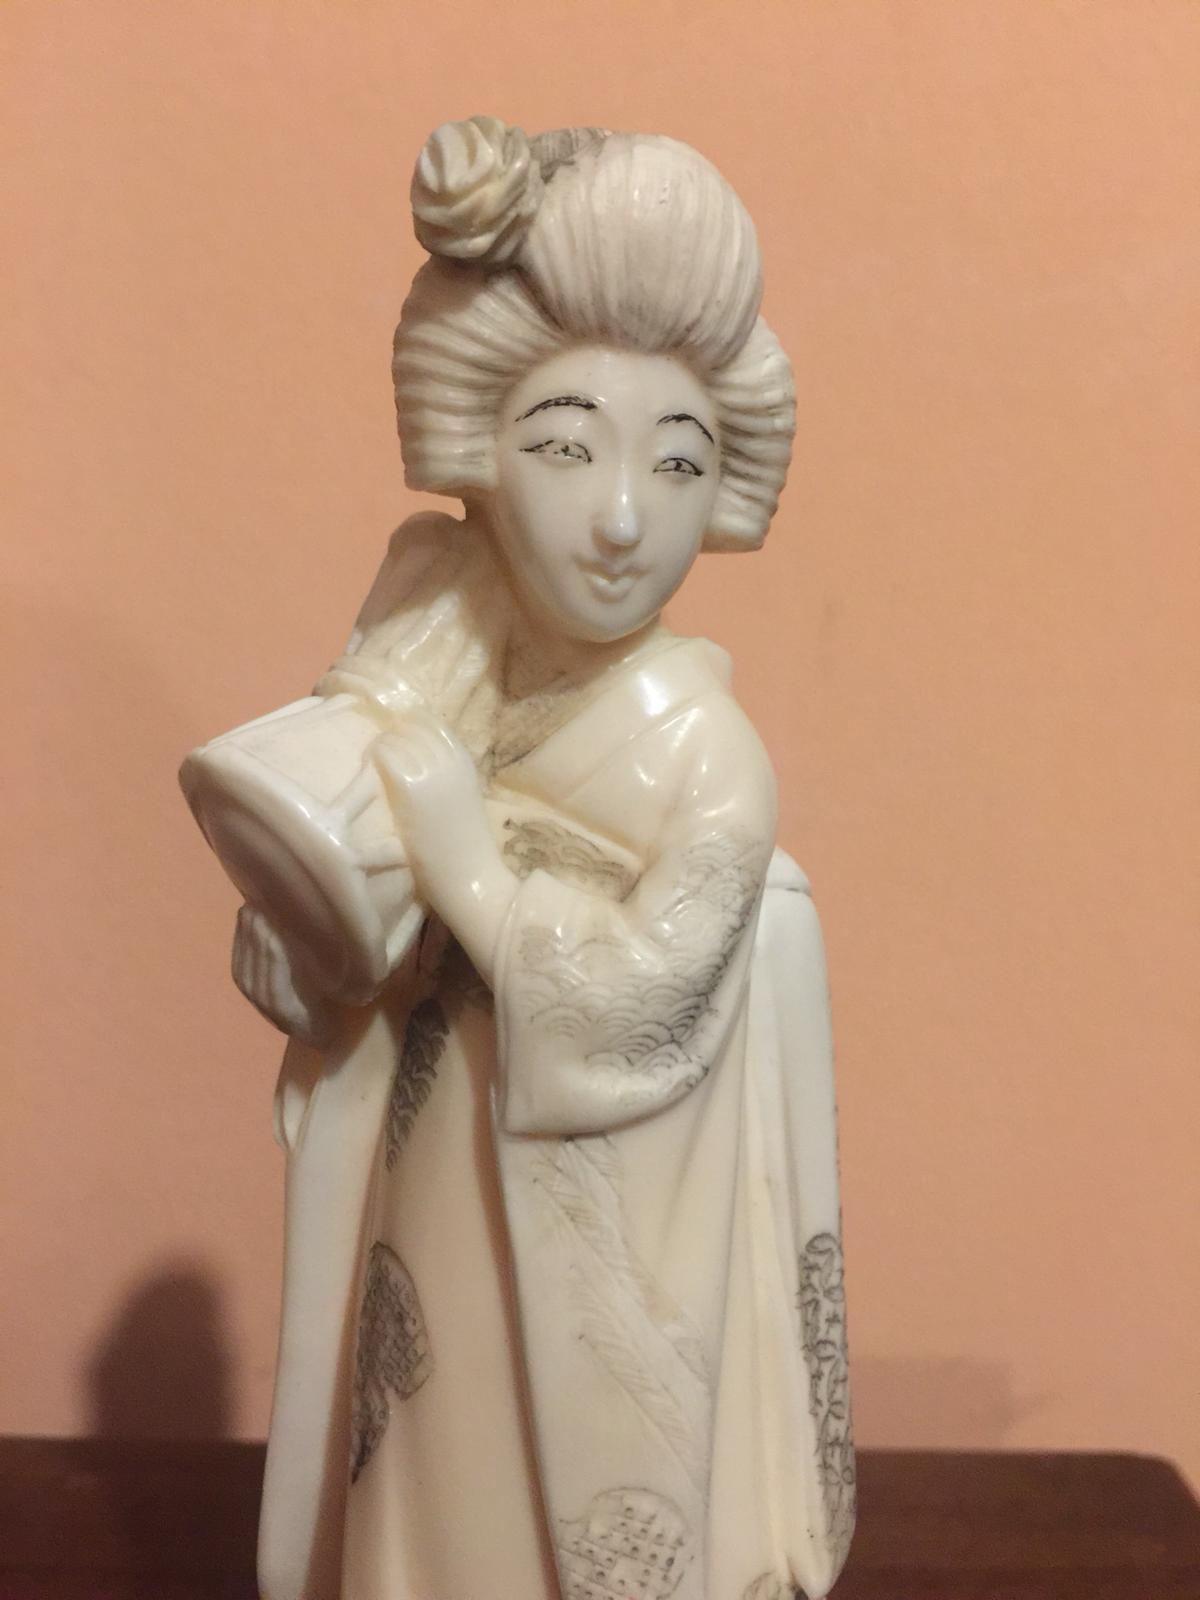 thumb2|Statuetta in avorio raffigurante donna orientale